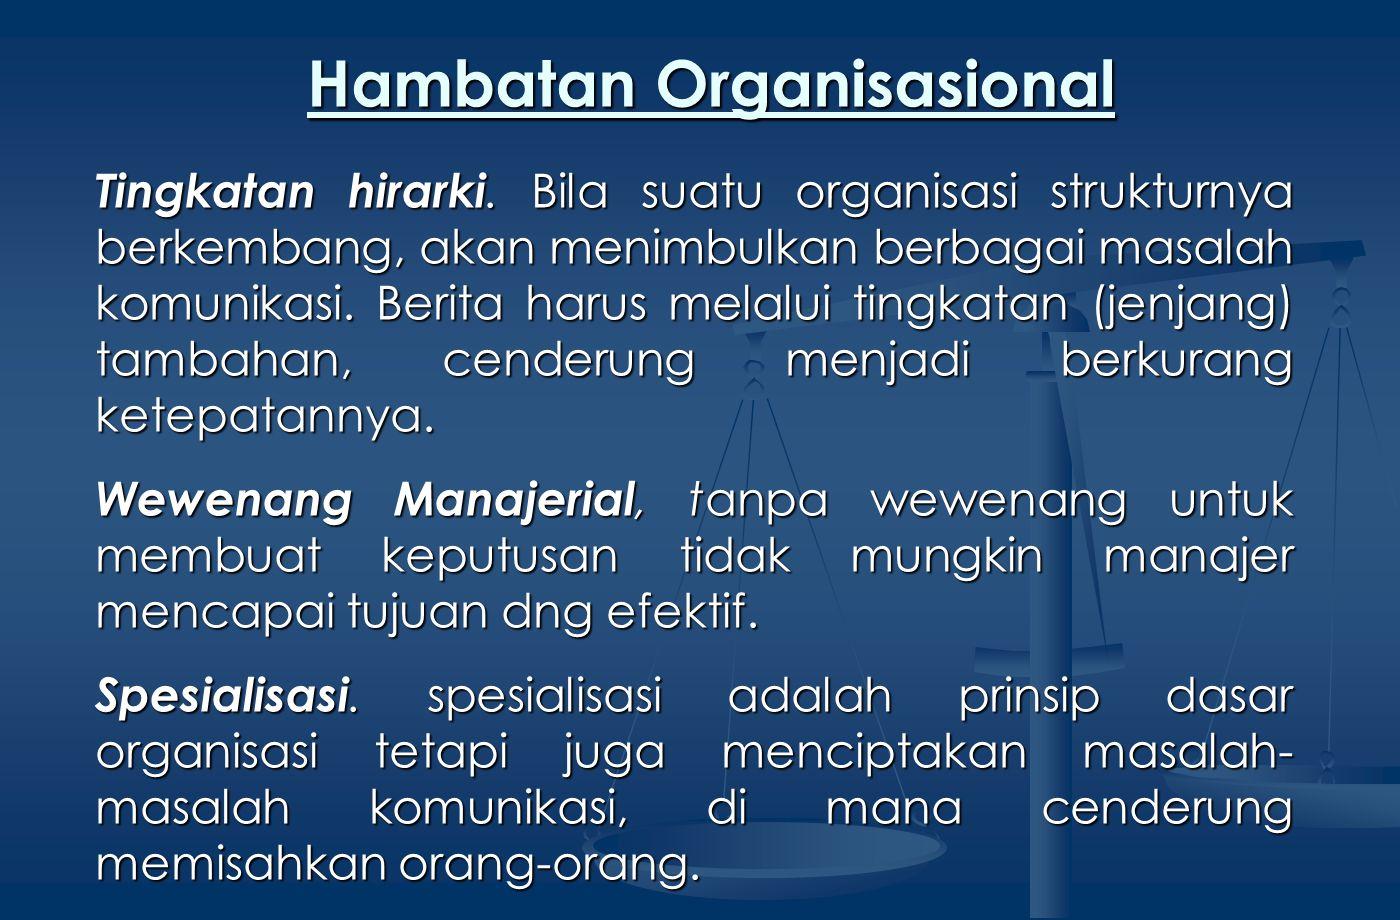 Hambatan Organisasional